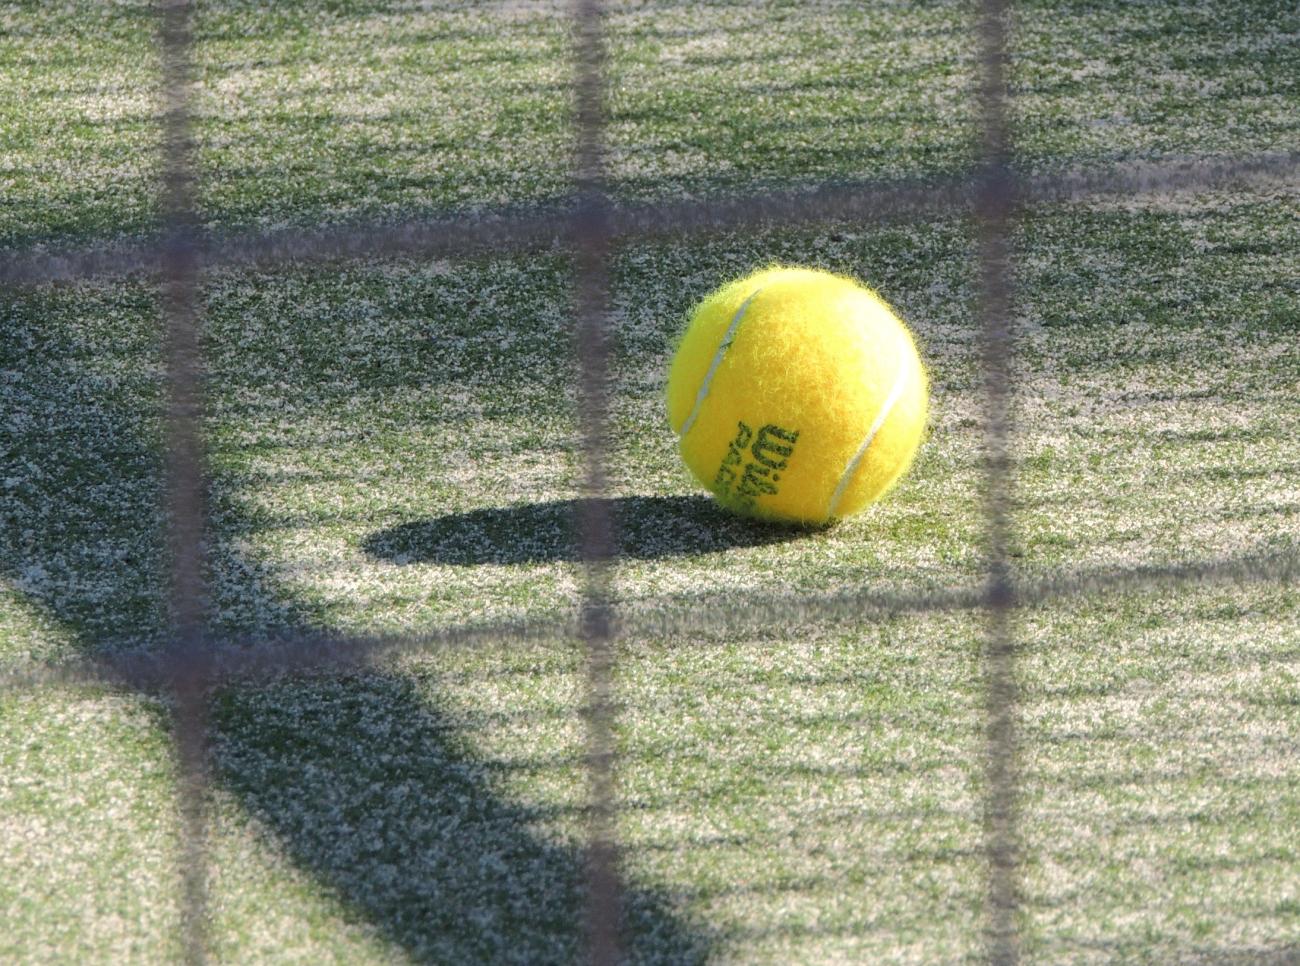 Wimbledon in summer 2021